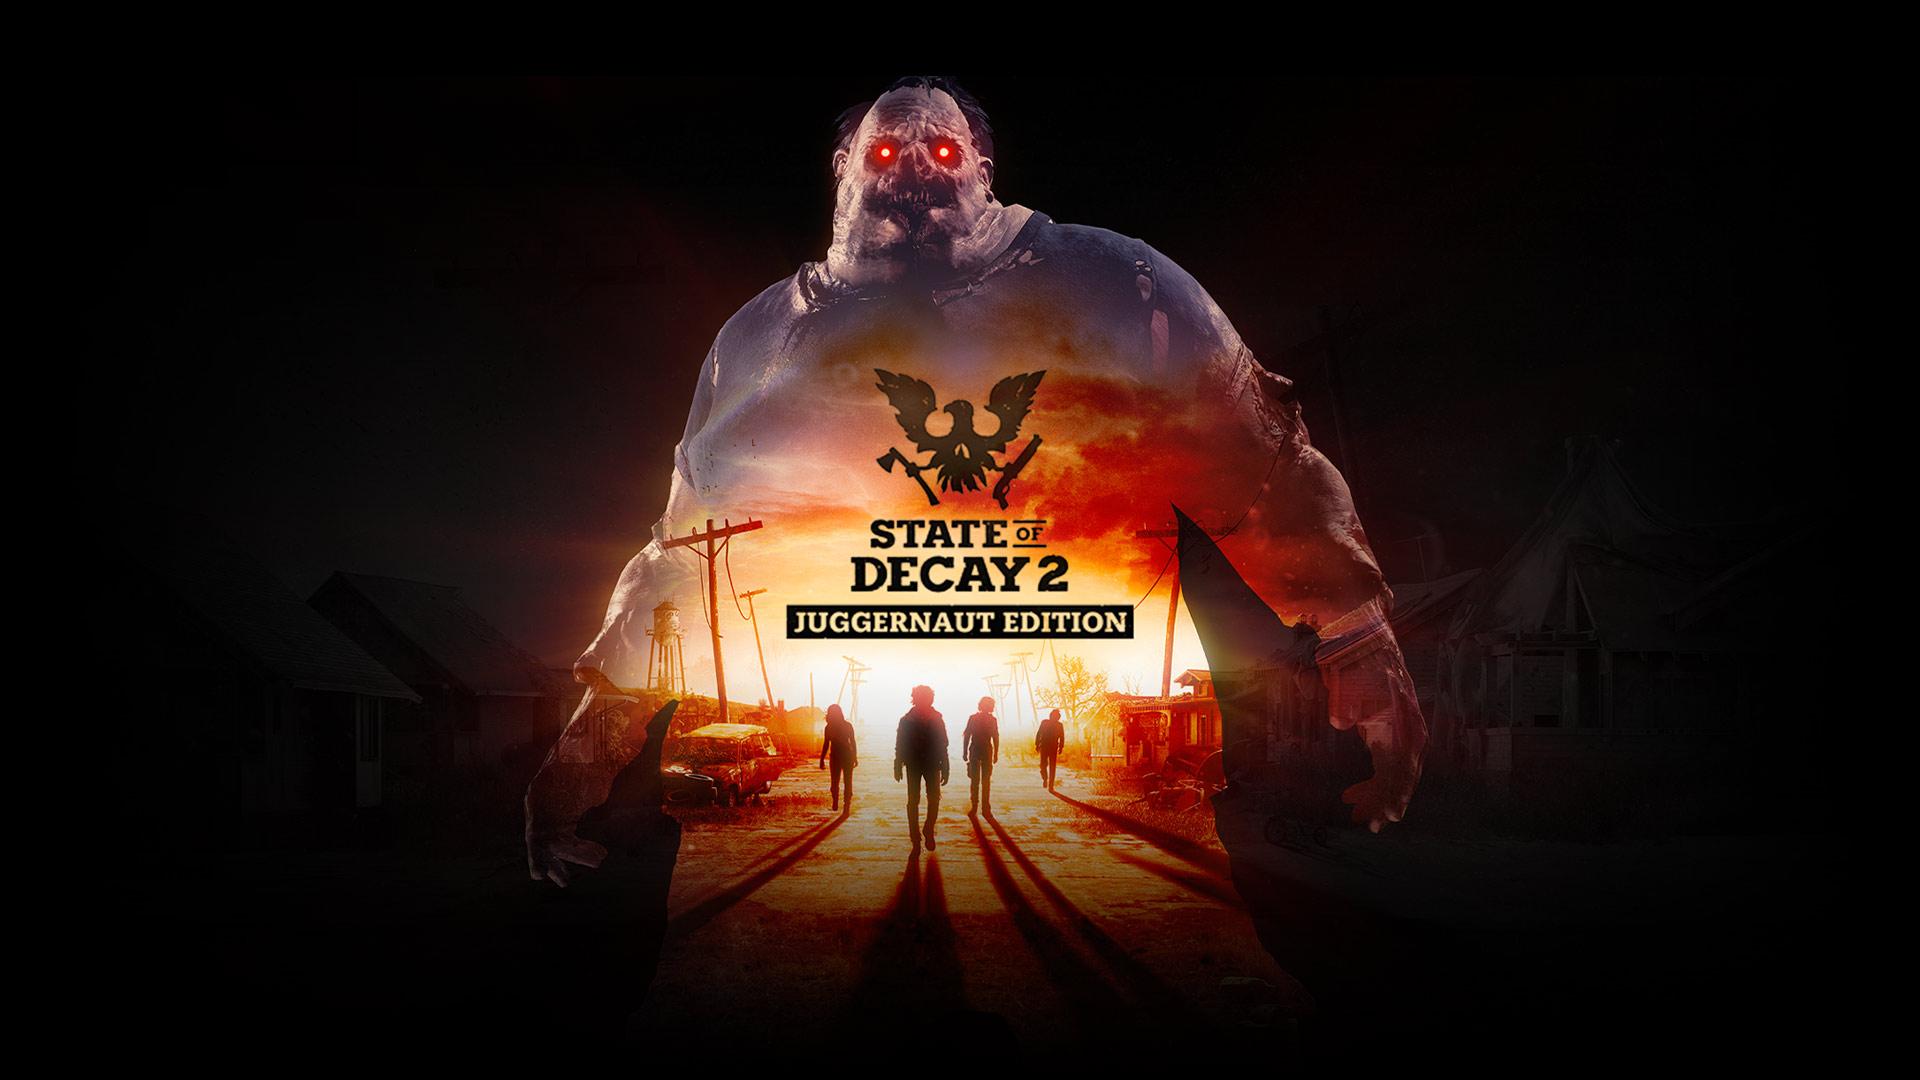 Το State of Decay 2: Έκδοση Juggernaut Edition, σιλουέτα του Juggernaut με ζόμπι σε έναν εγκαταλελειμμένο δρόμο